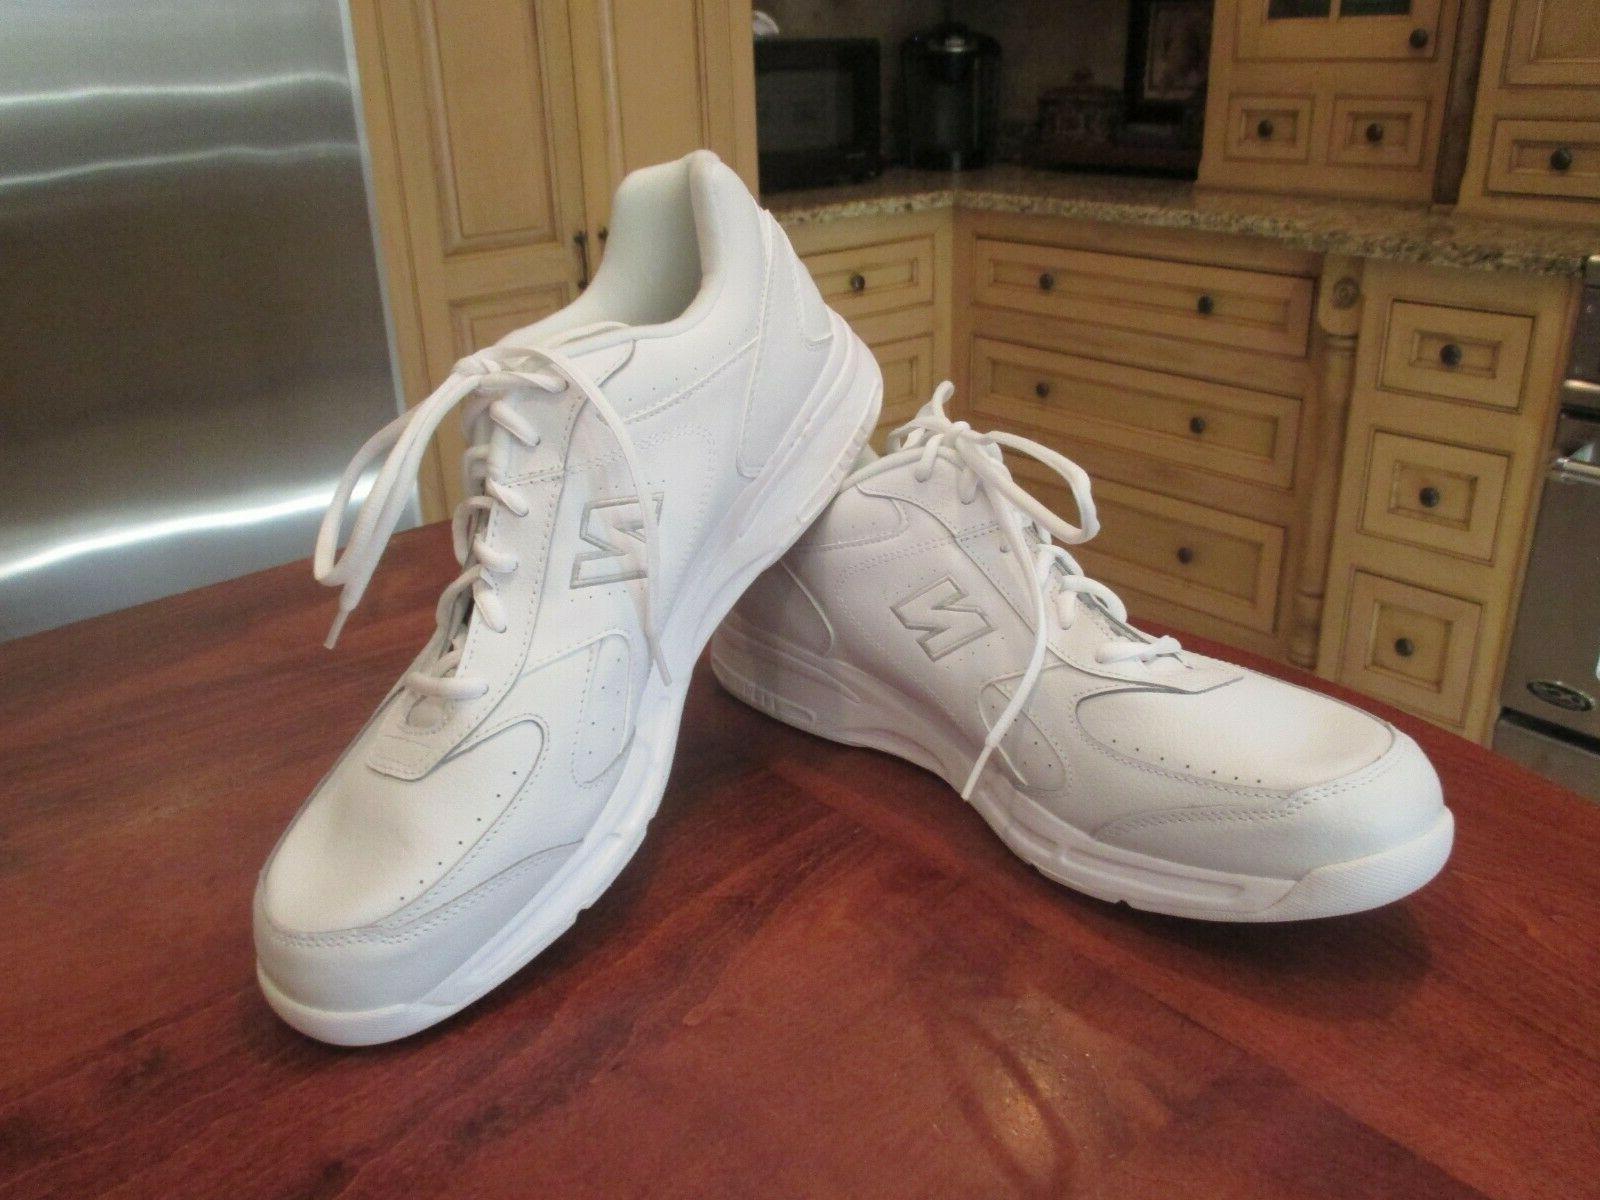 575 men s tennis shoes size 14